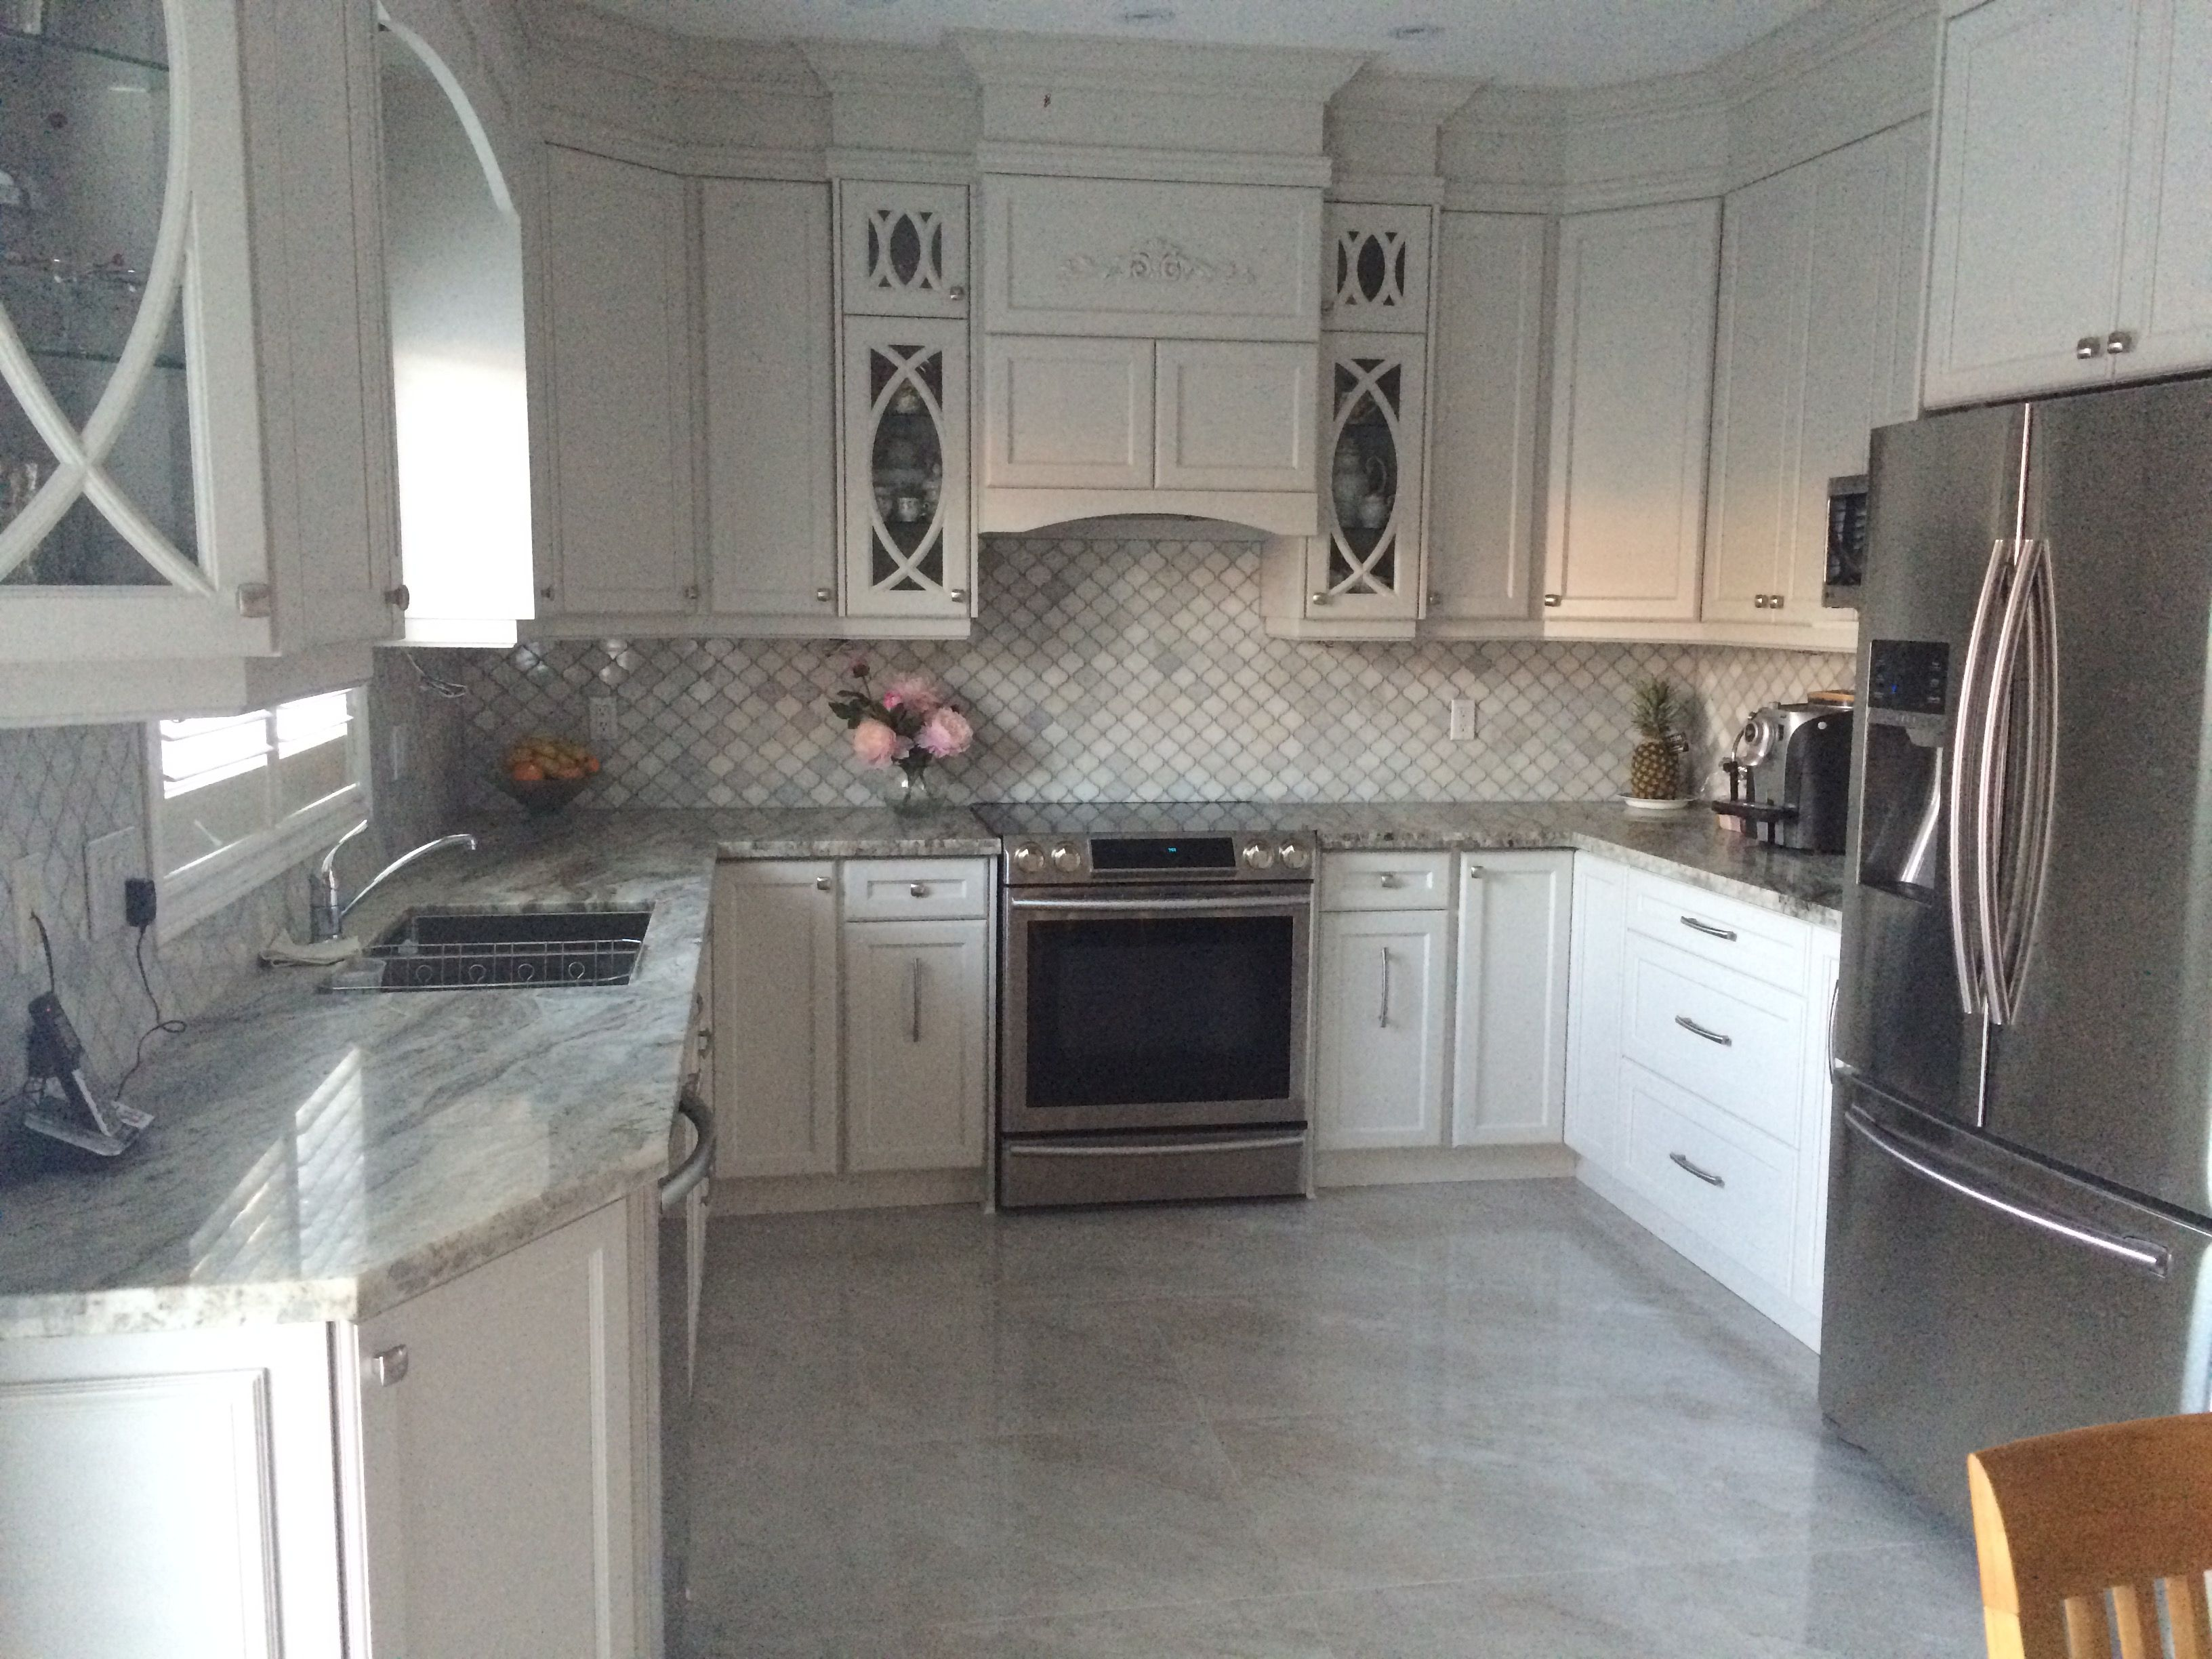 New Kitchen Furniture Our New Kitchen Balboa Cabinets Arabesque Backsplash Fantasy